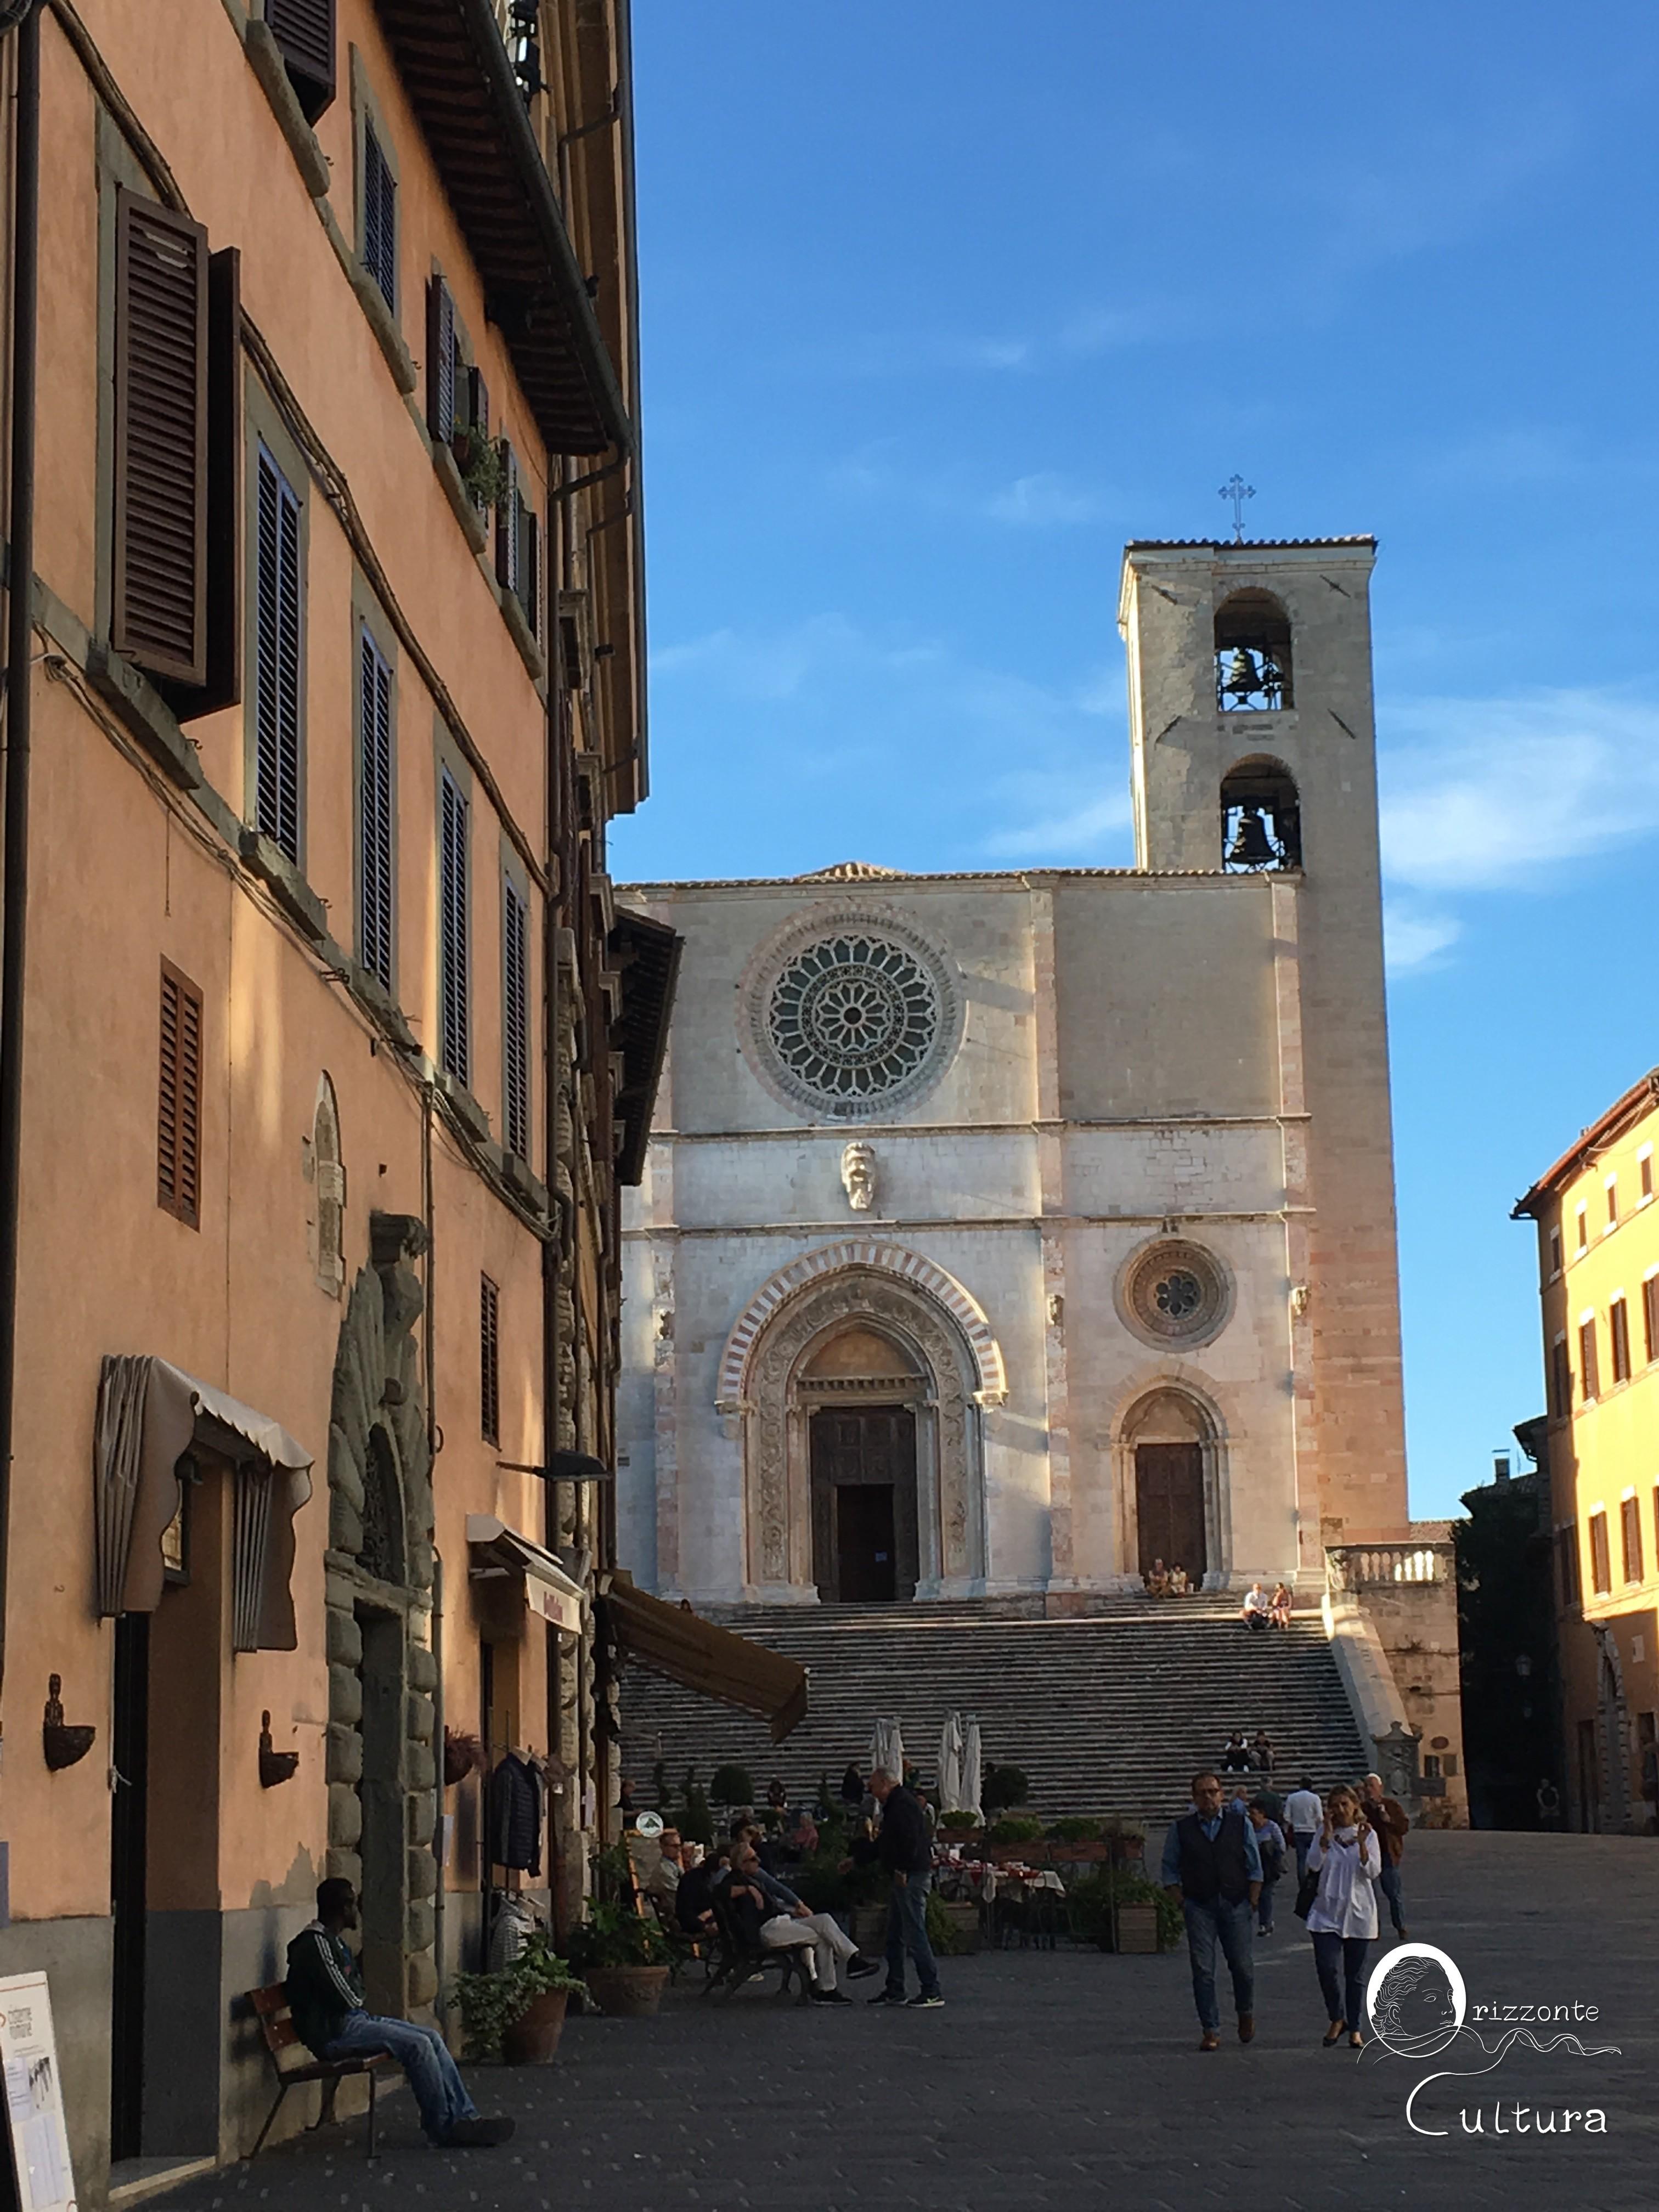 Piazza del Popolo, Todi - Duomo - Orizzonte Cultura